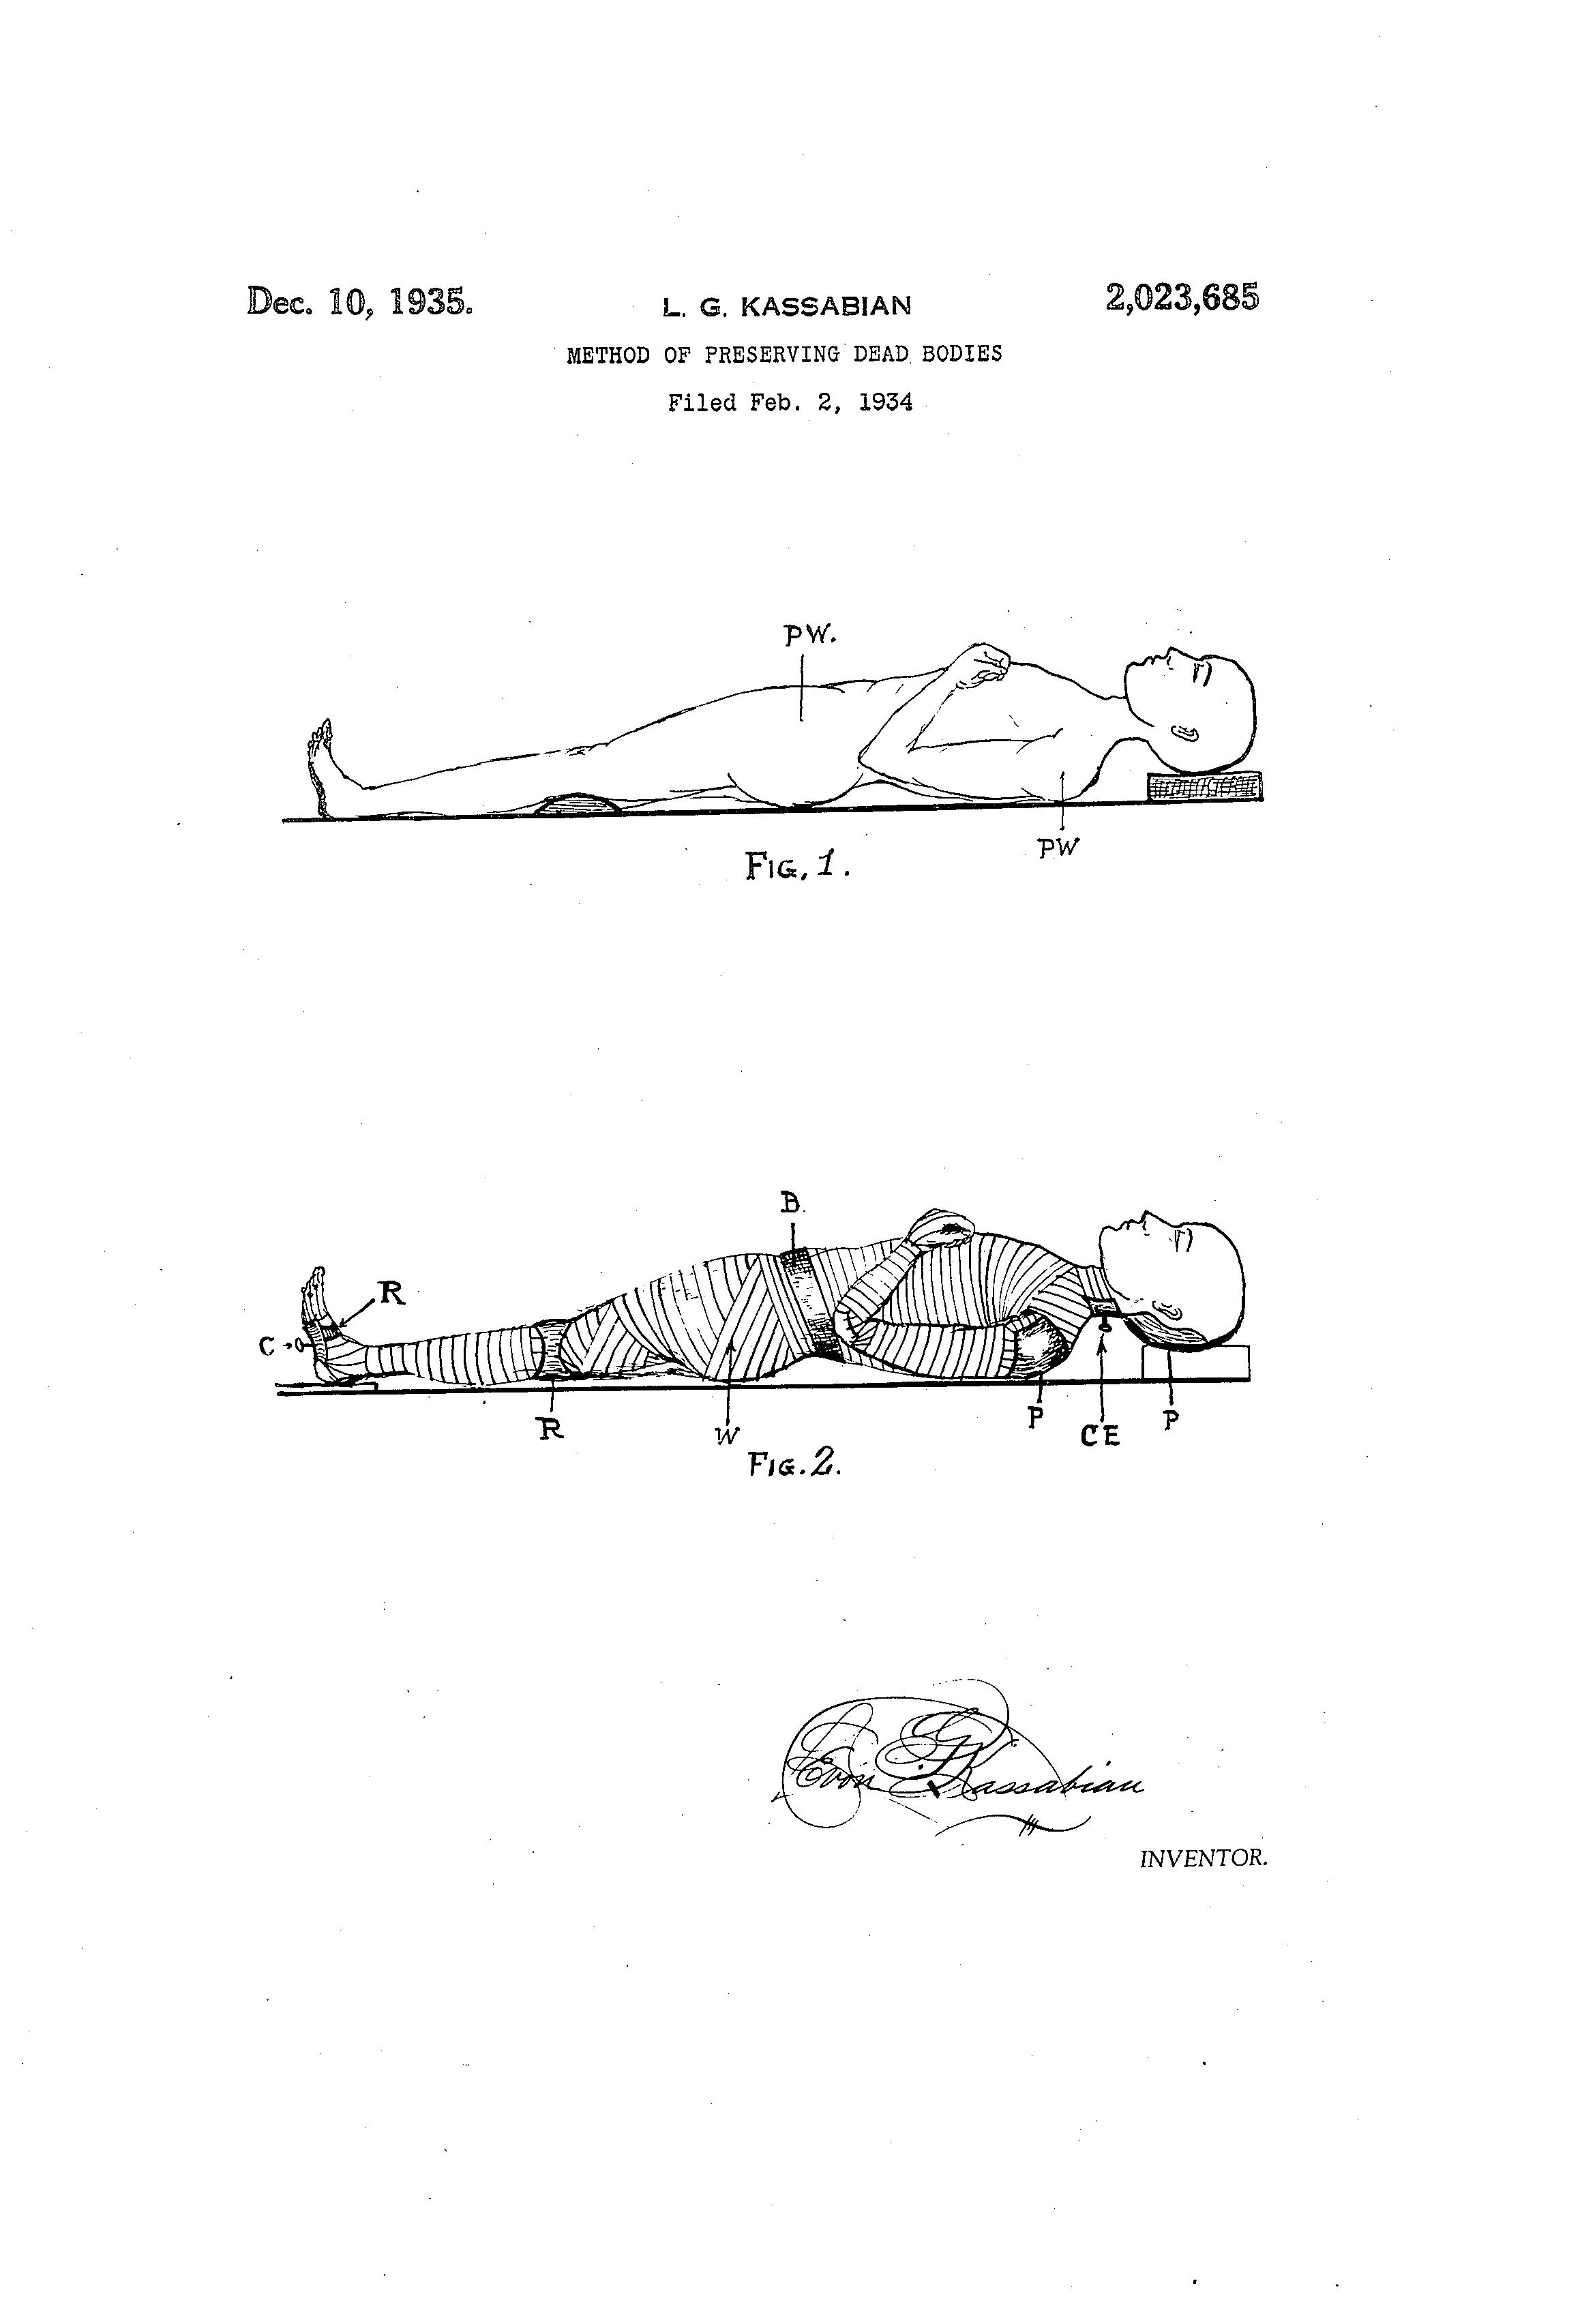 Ilustración de la patente 'Method of Preserving Dead Bodies' (1934)